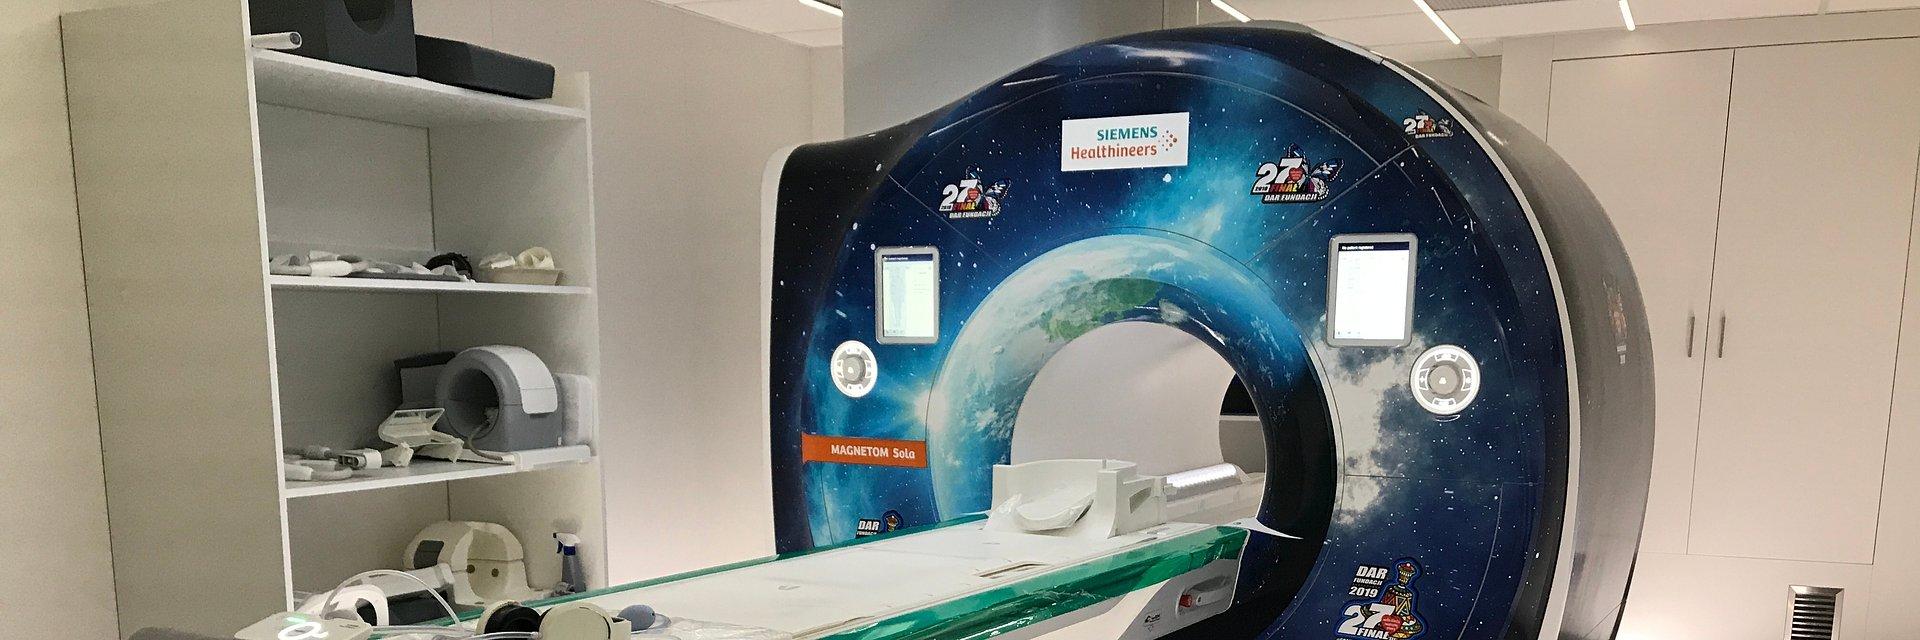 W Chorzowie już działa rezonans z serduszkiem!